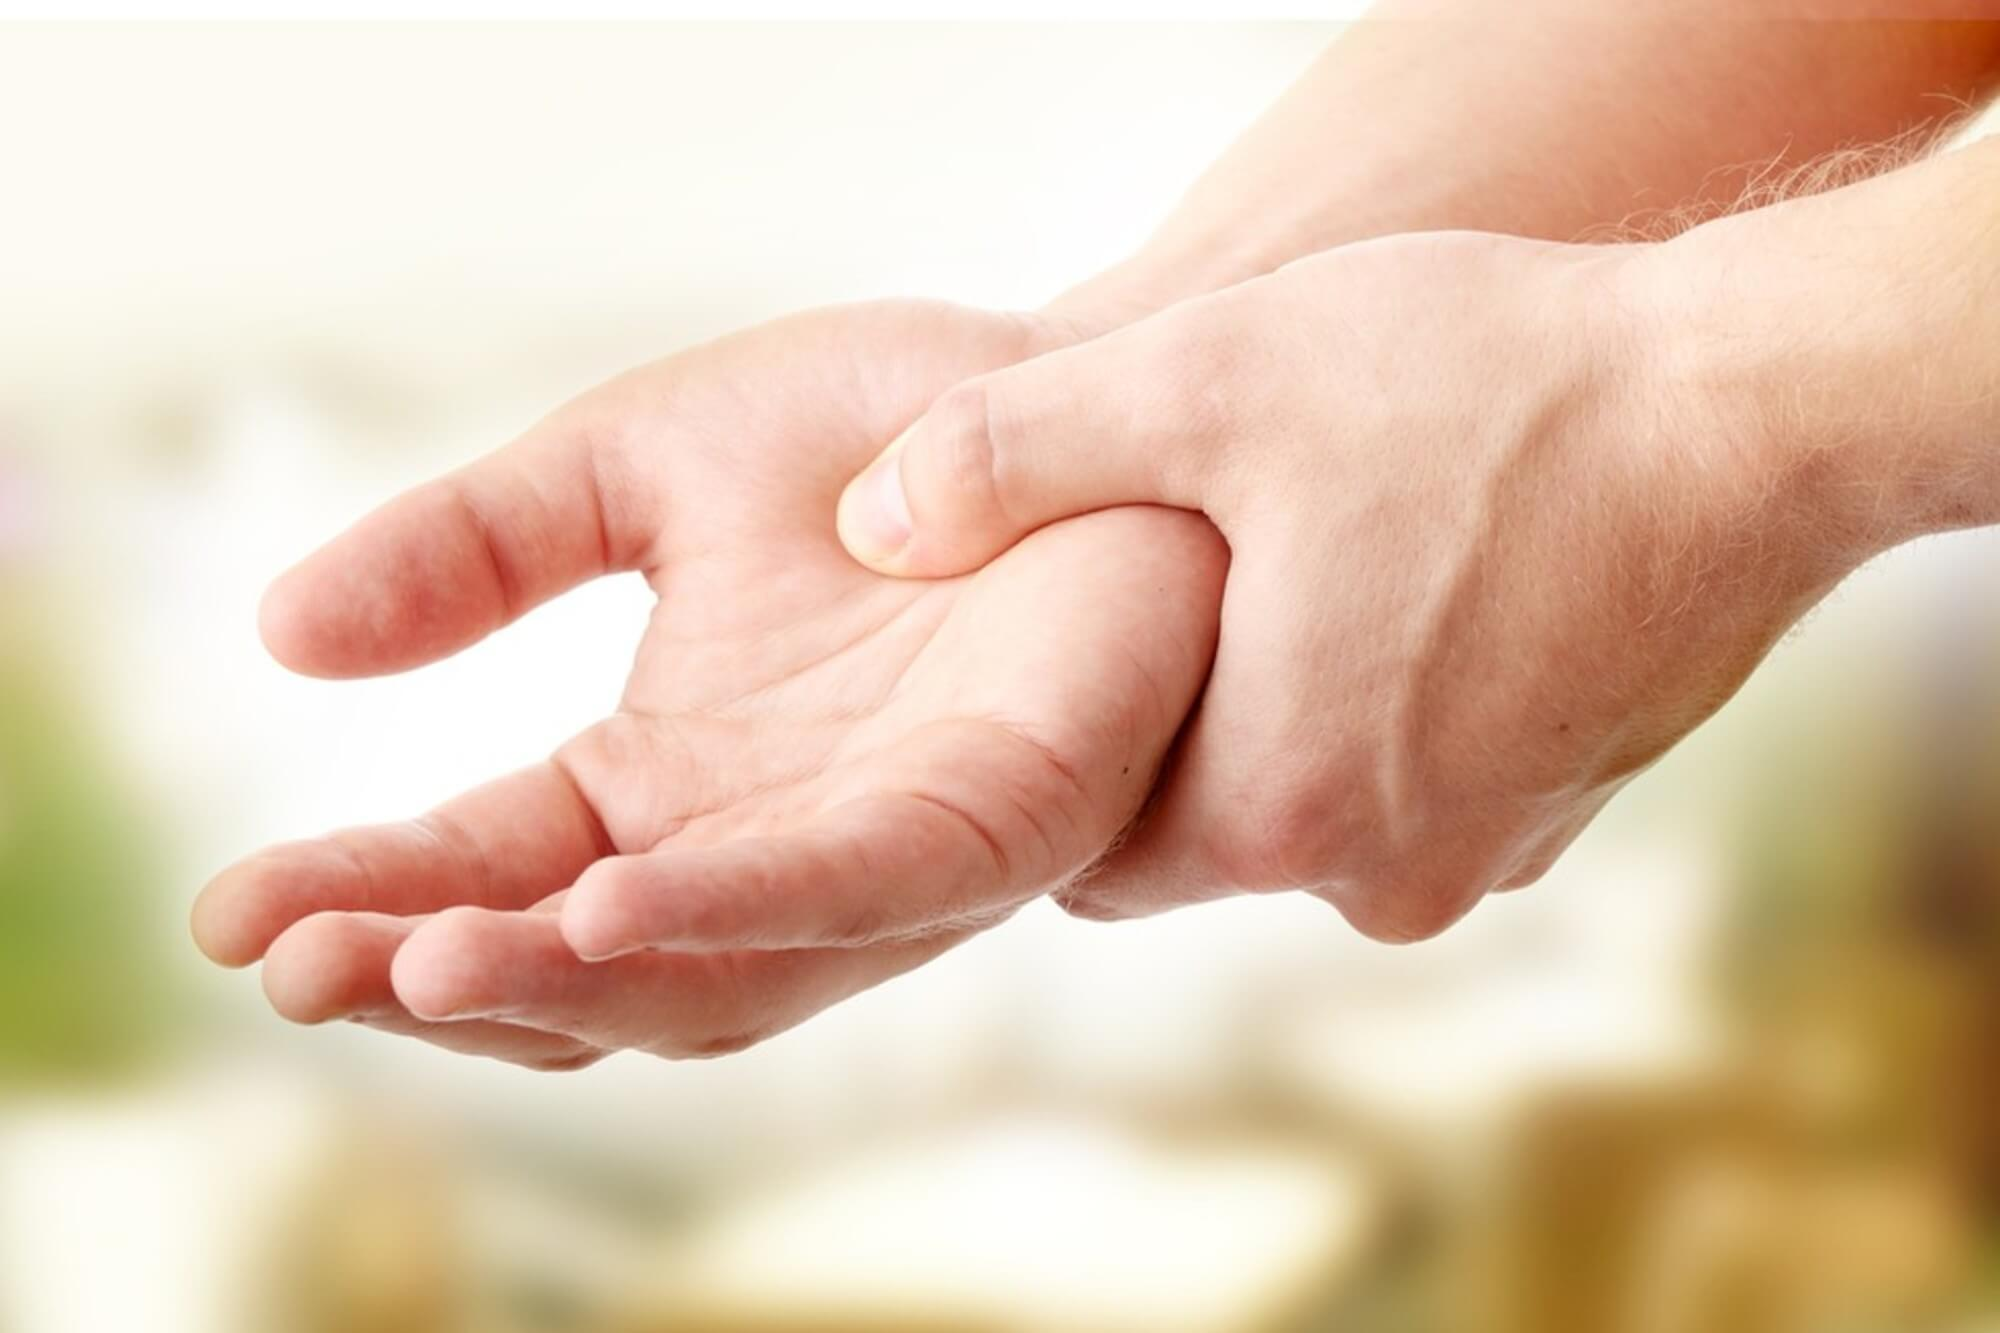 az ujjak ízületeinek fájdalma kezelést okoz